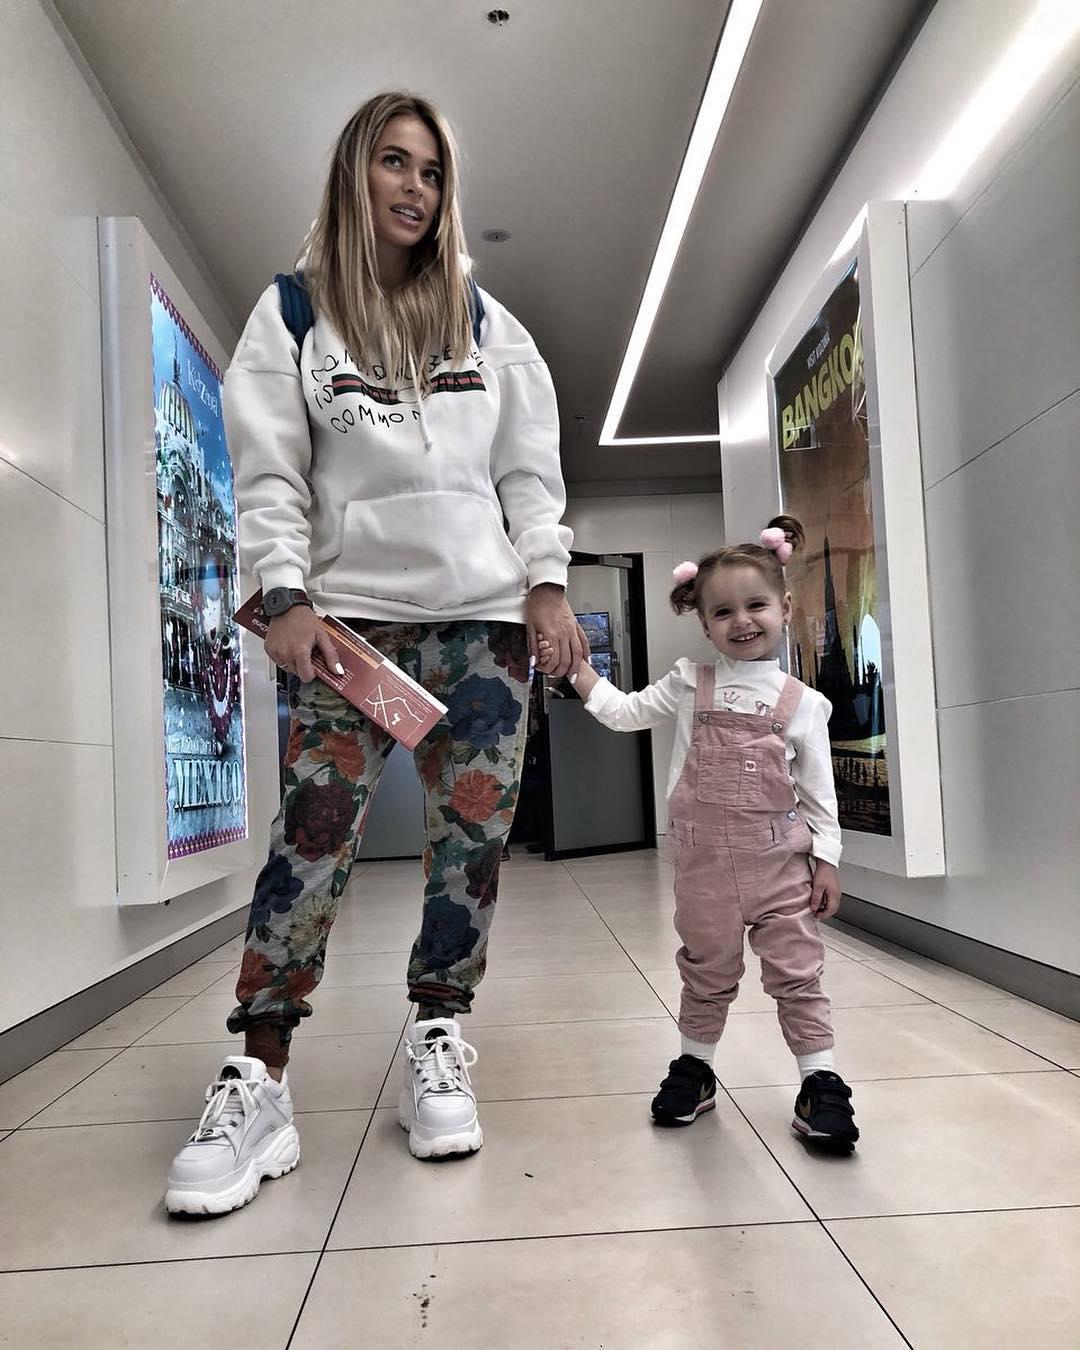 Анна Хилькевич пришла в бешенство из-за странного поведения пятой няни своей маленькой дочери